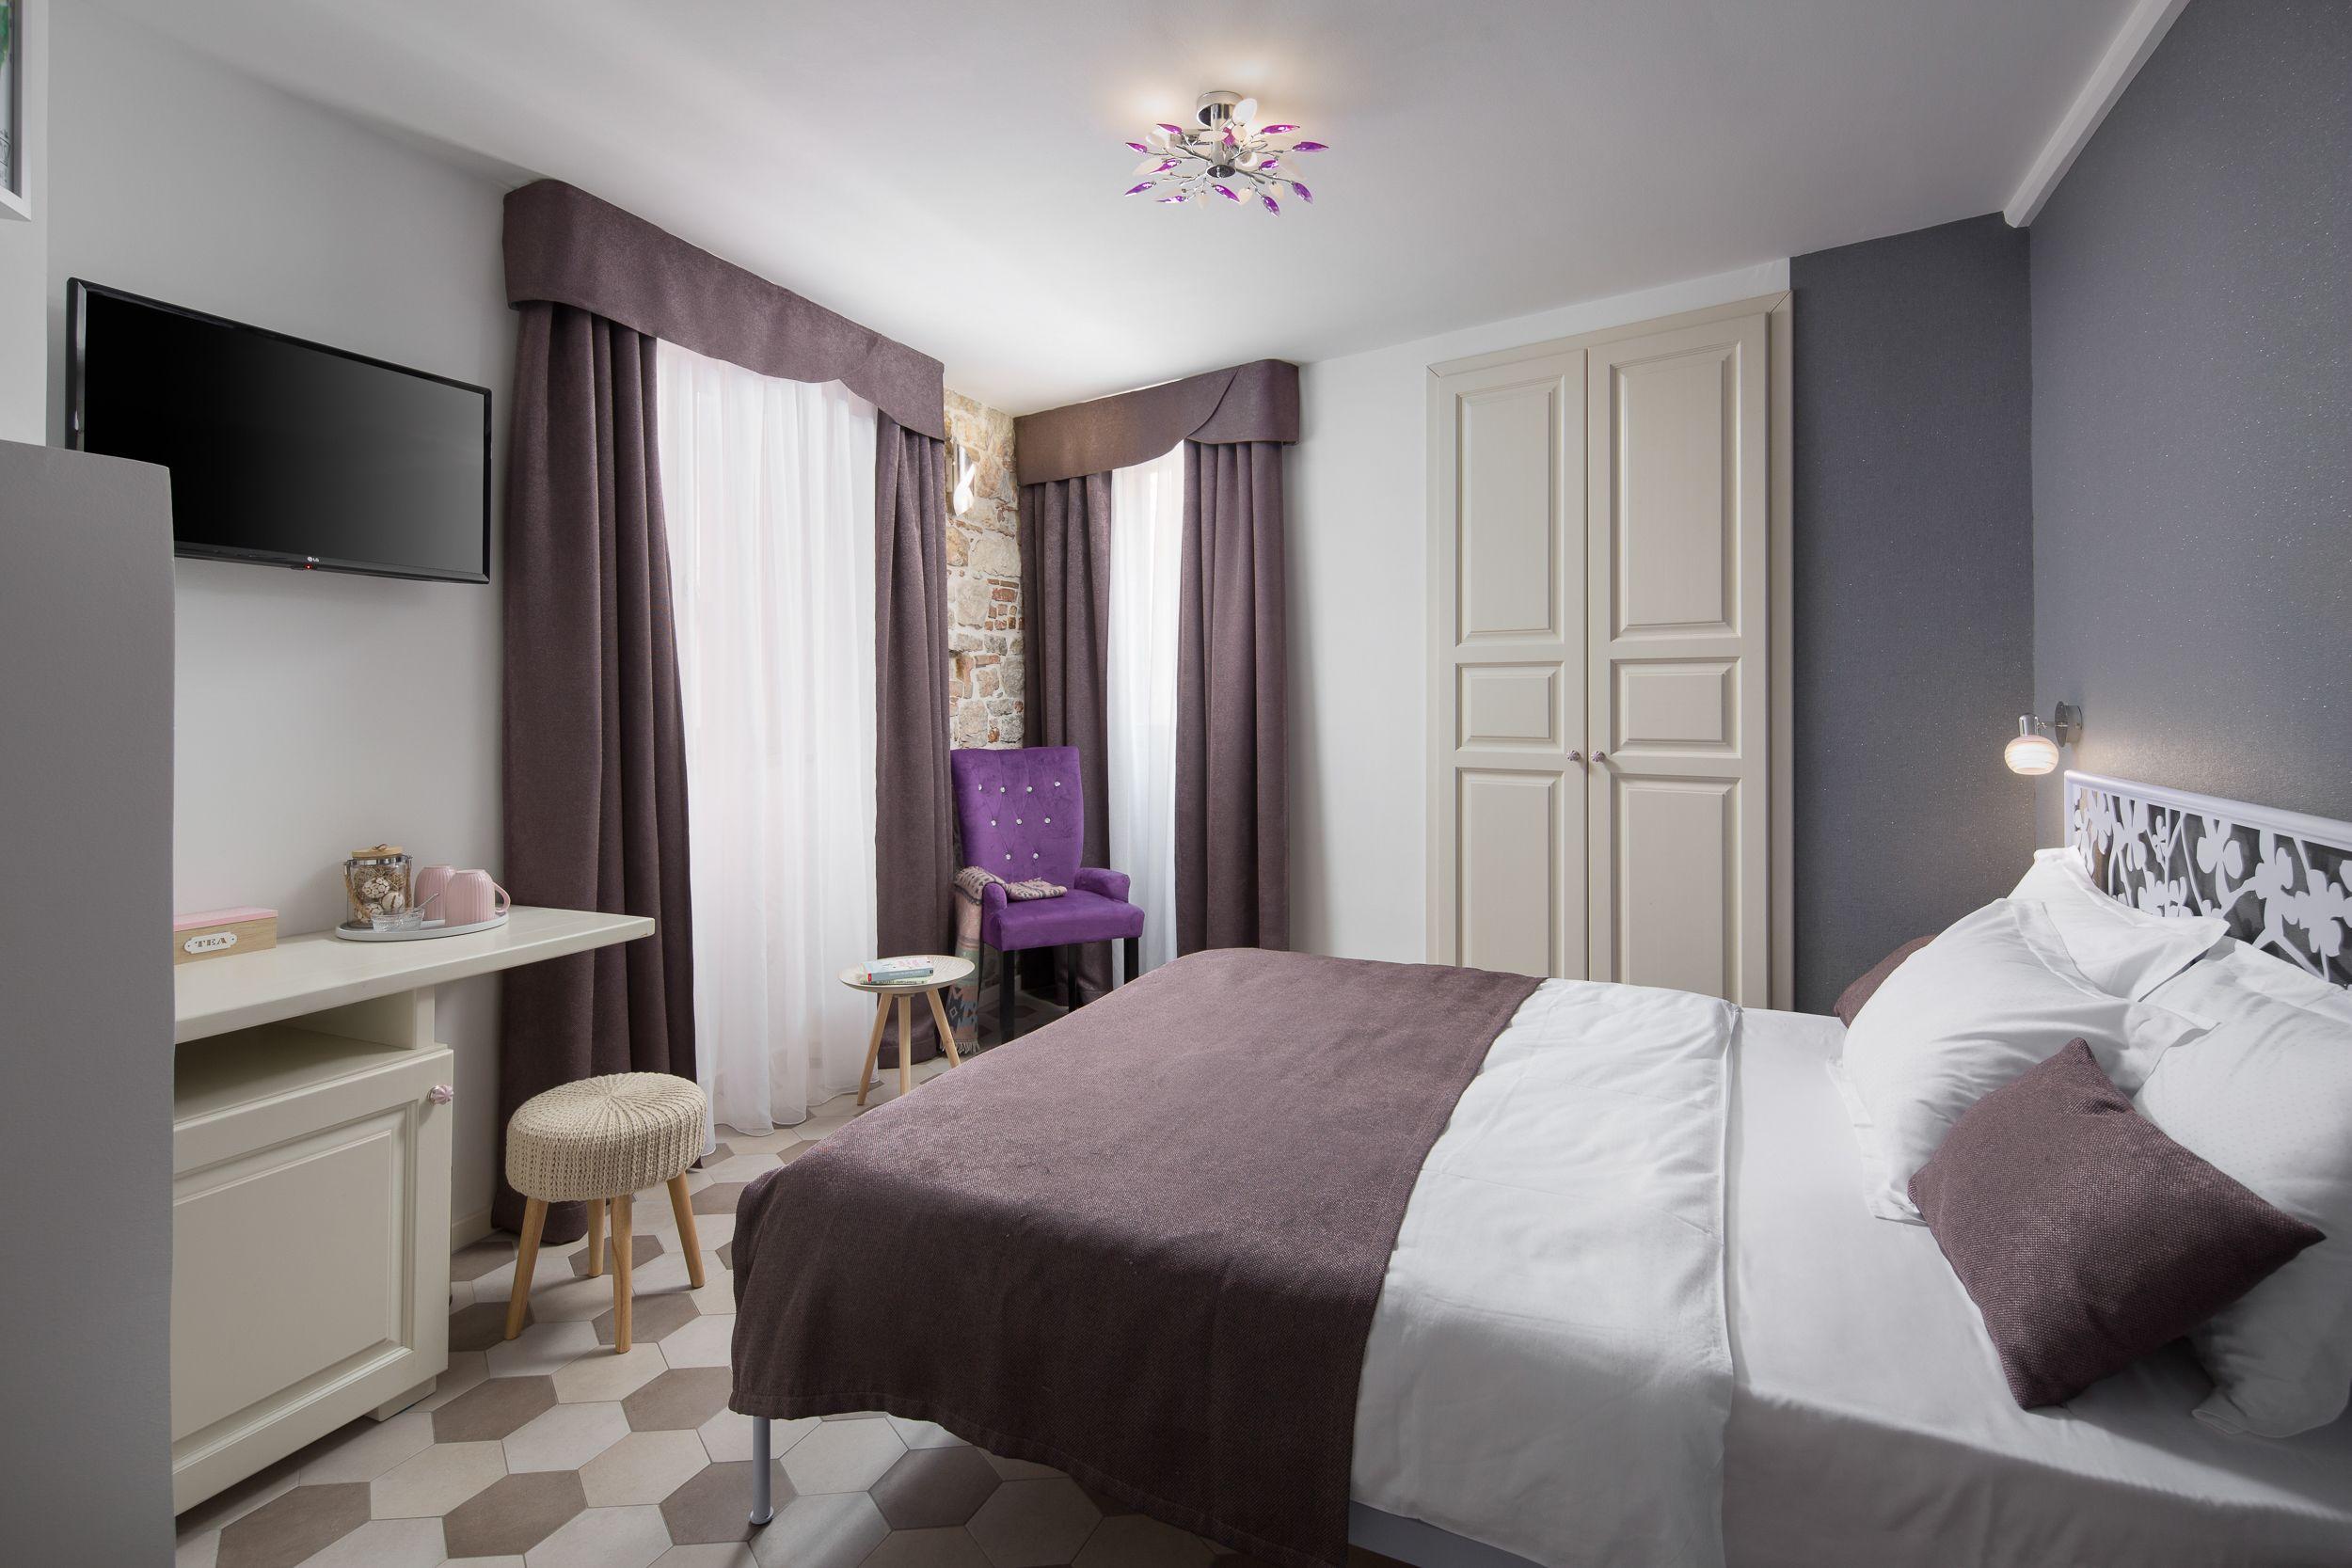 Noemis Rooms